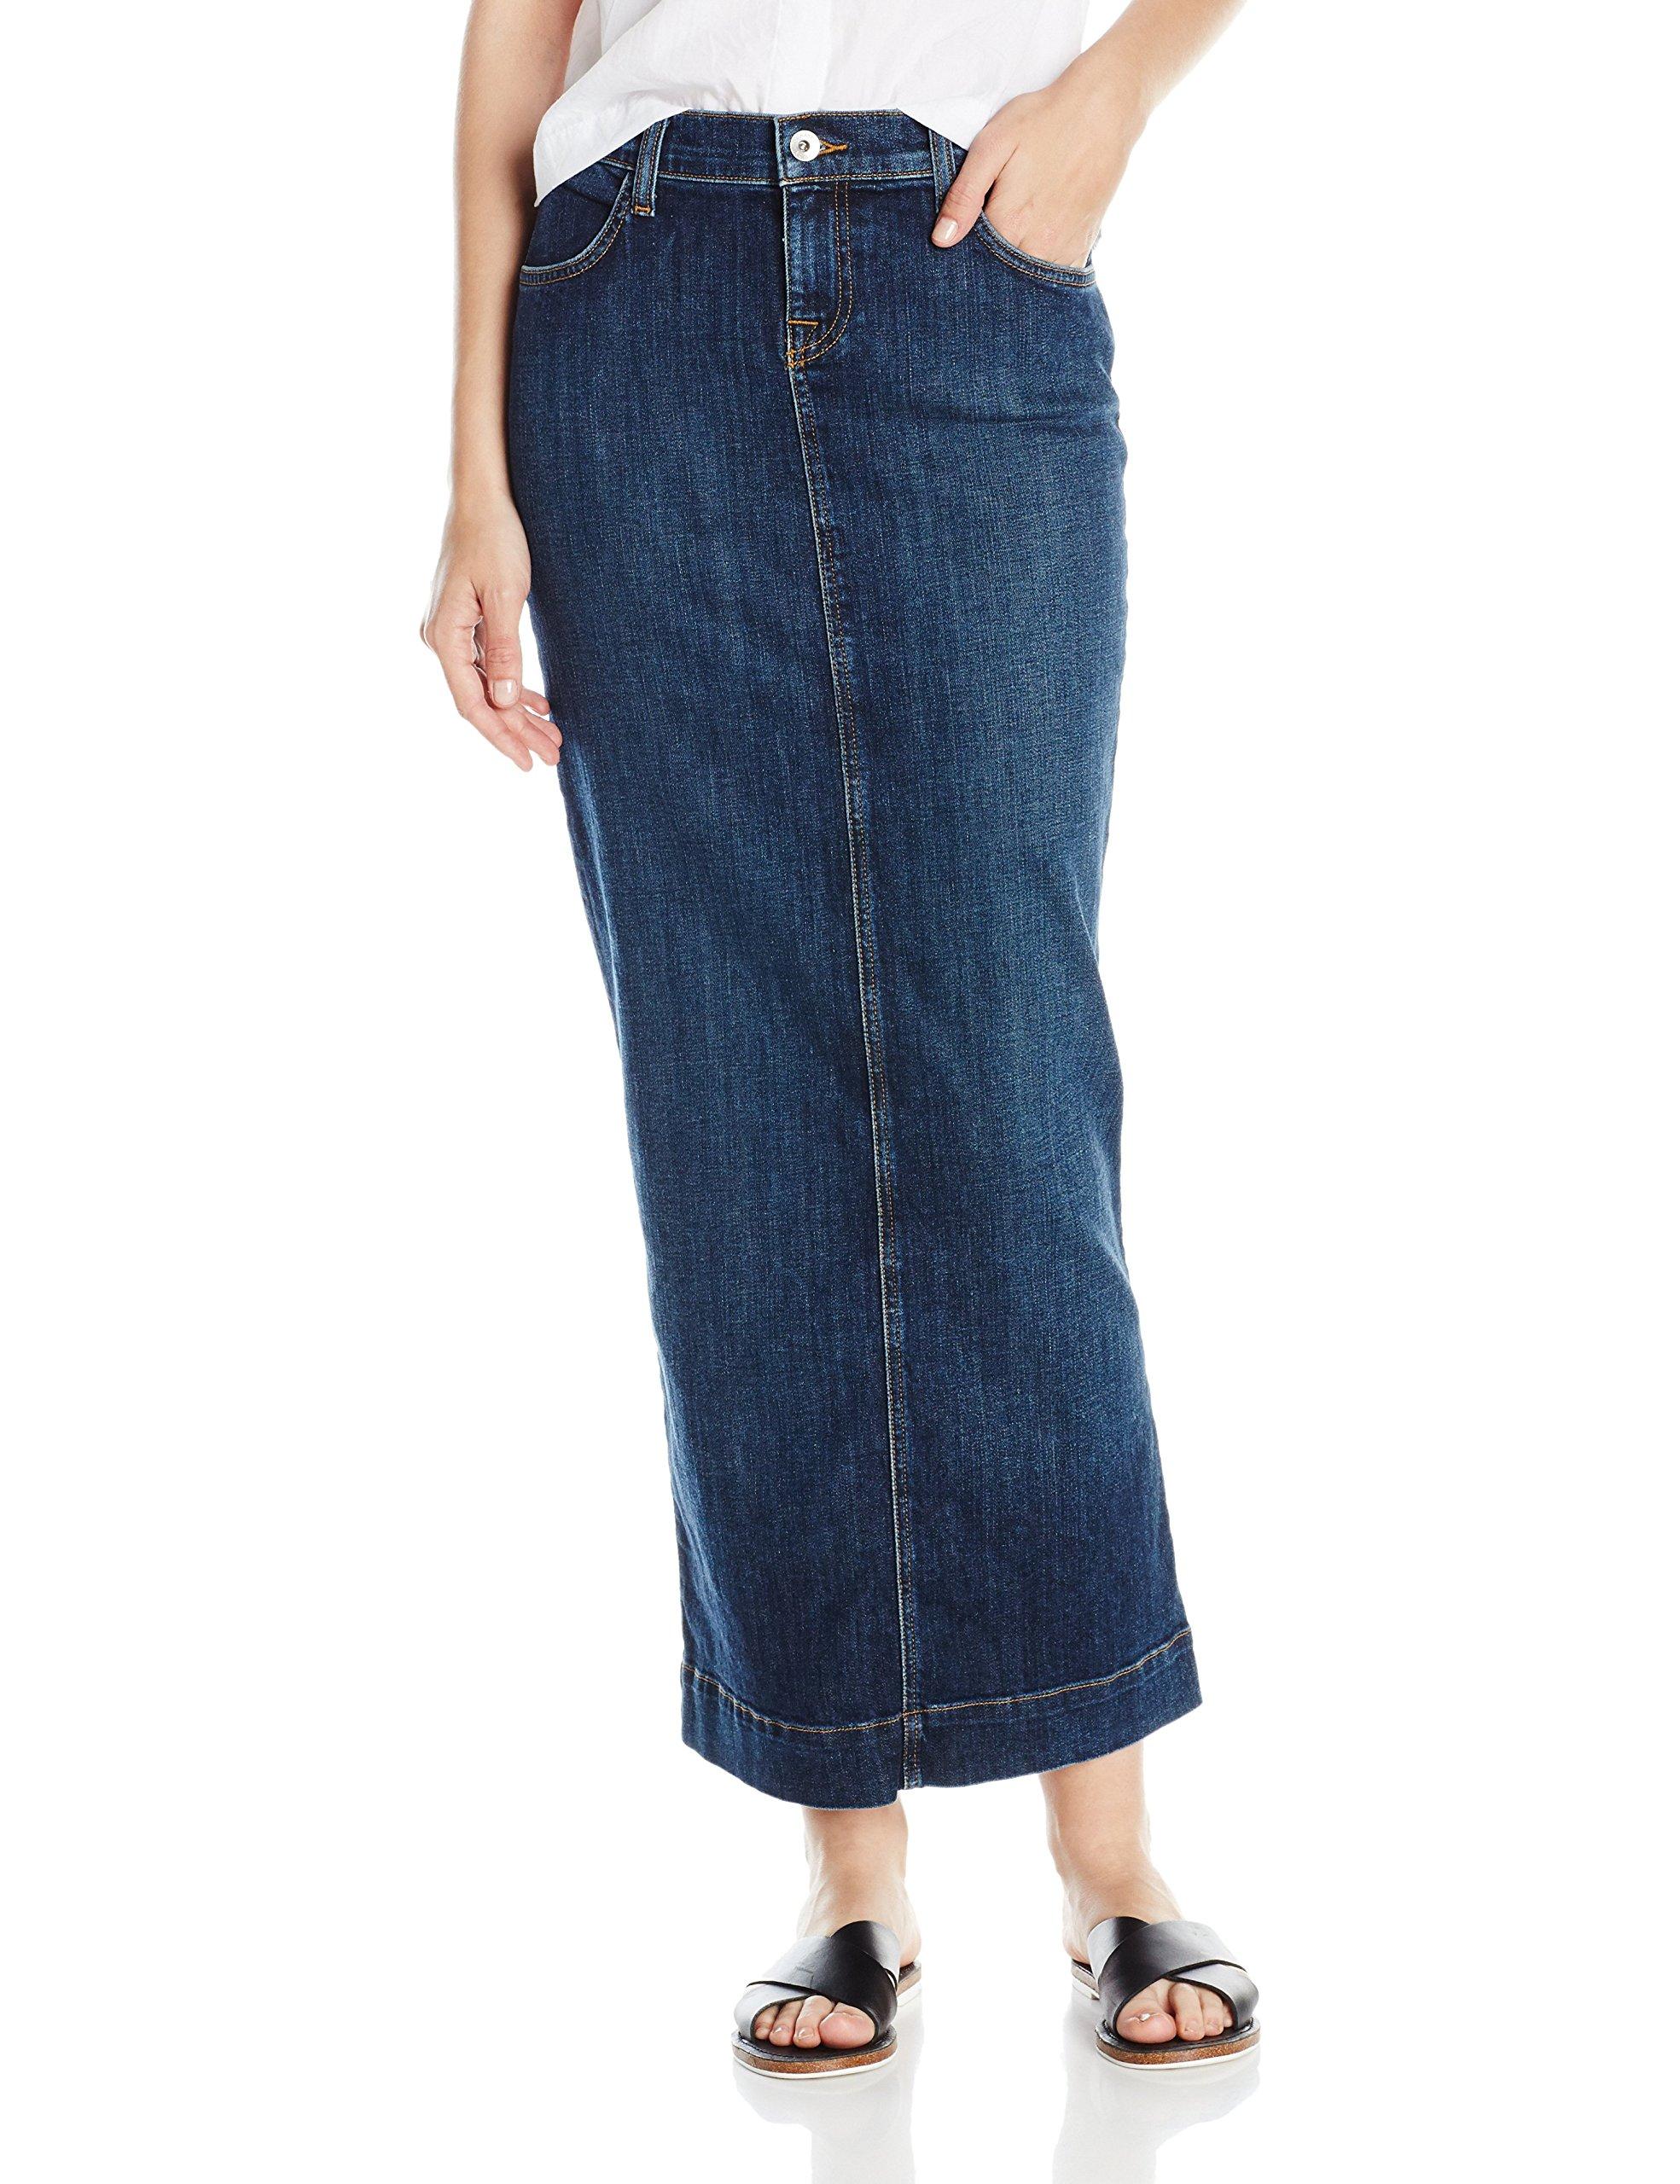 Baldwin Women's Kendall Skirt, Sky Valley, 29